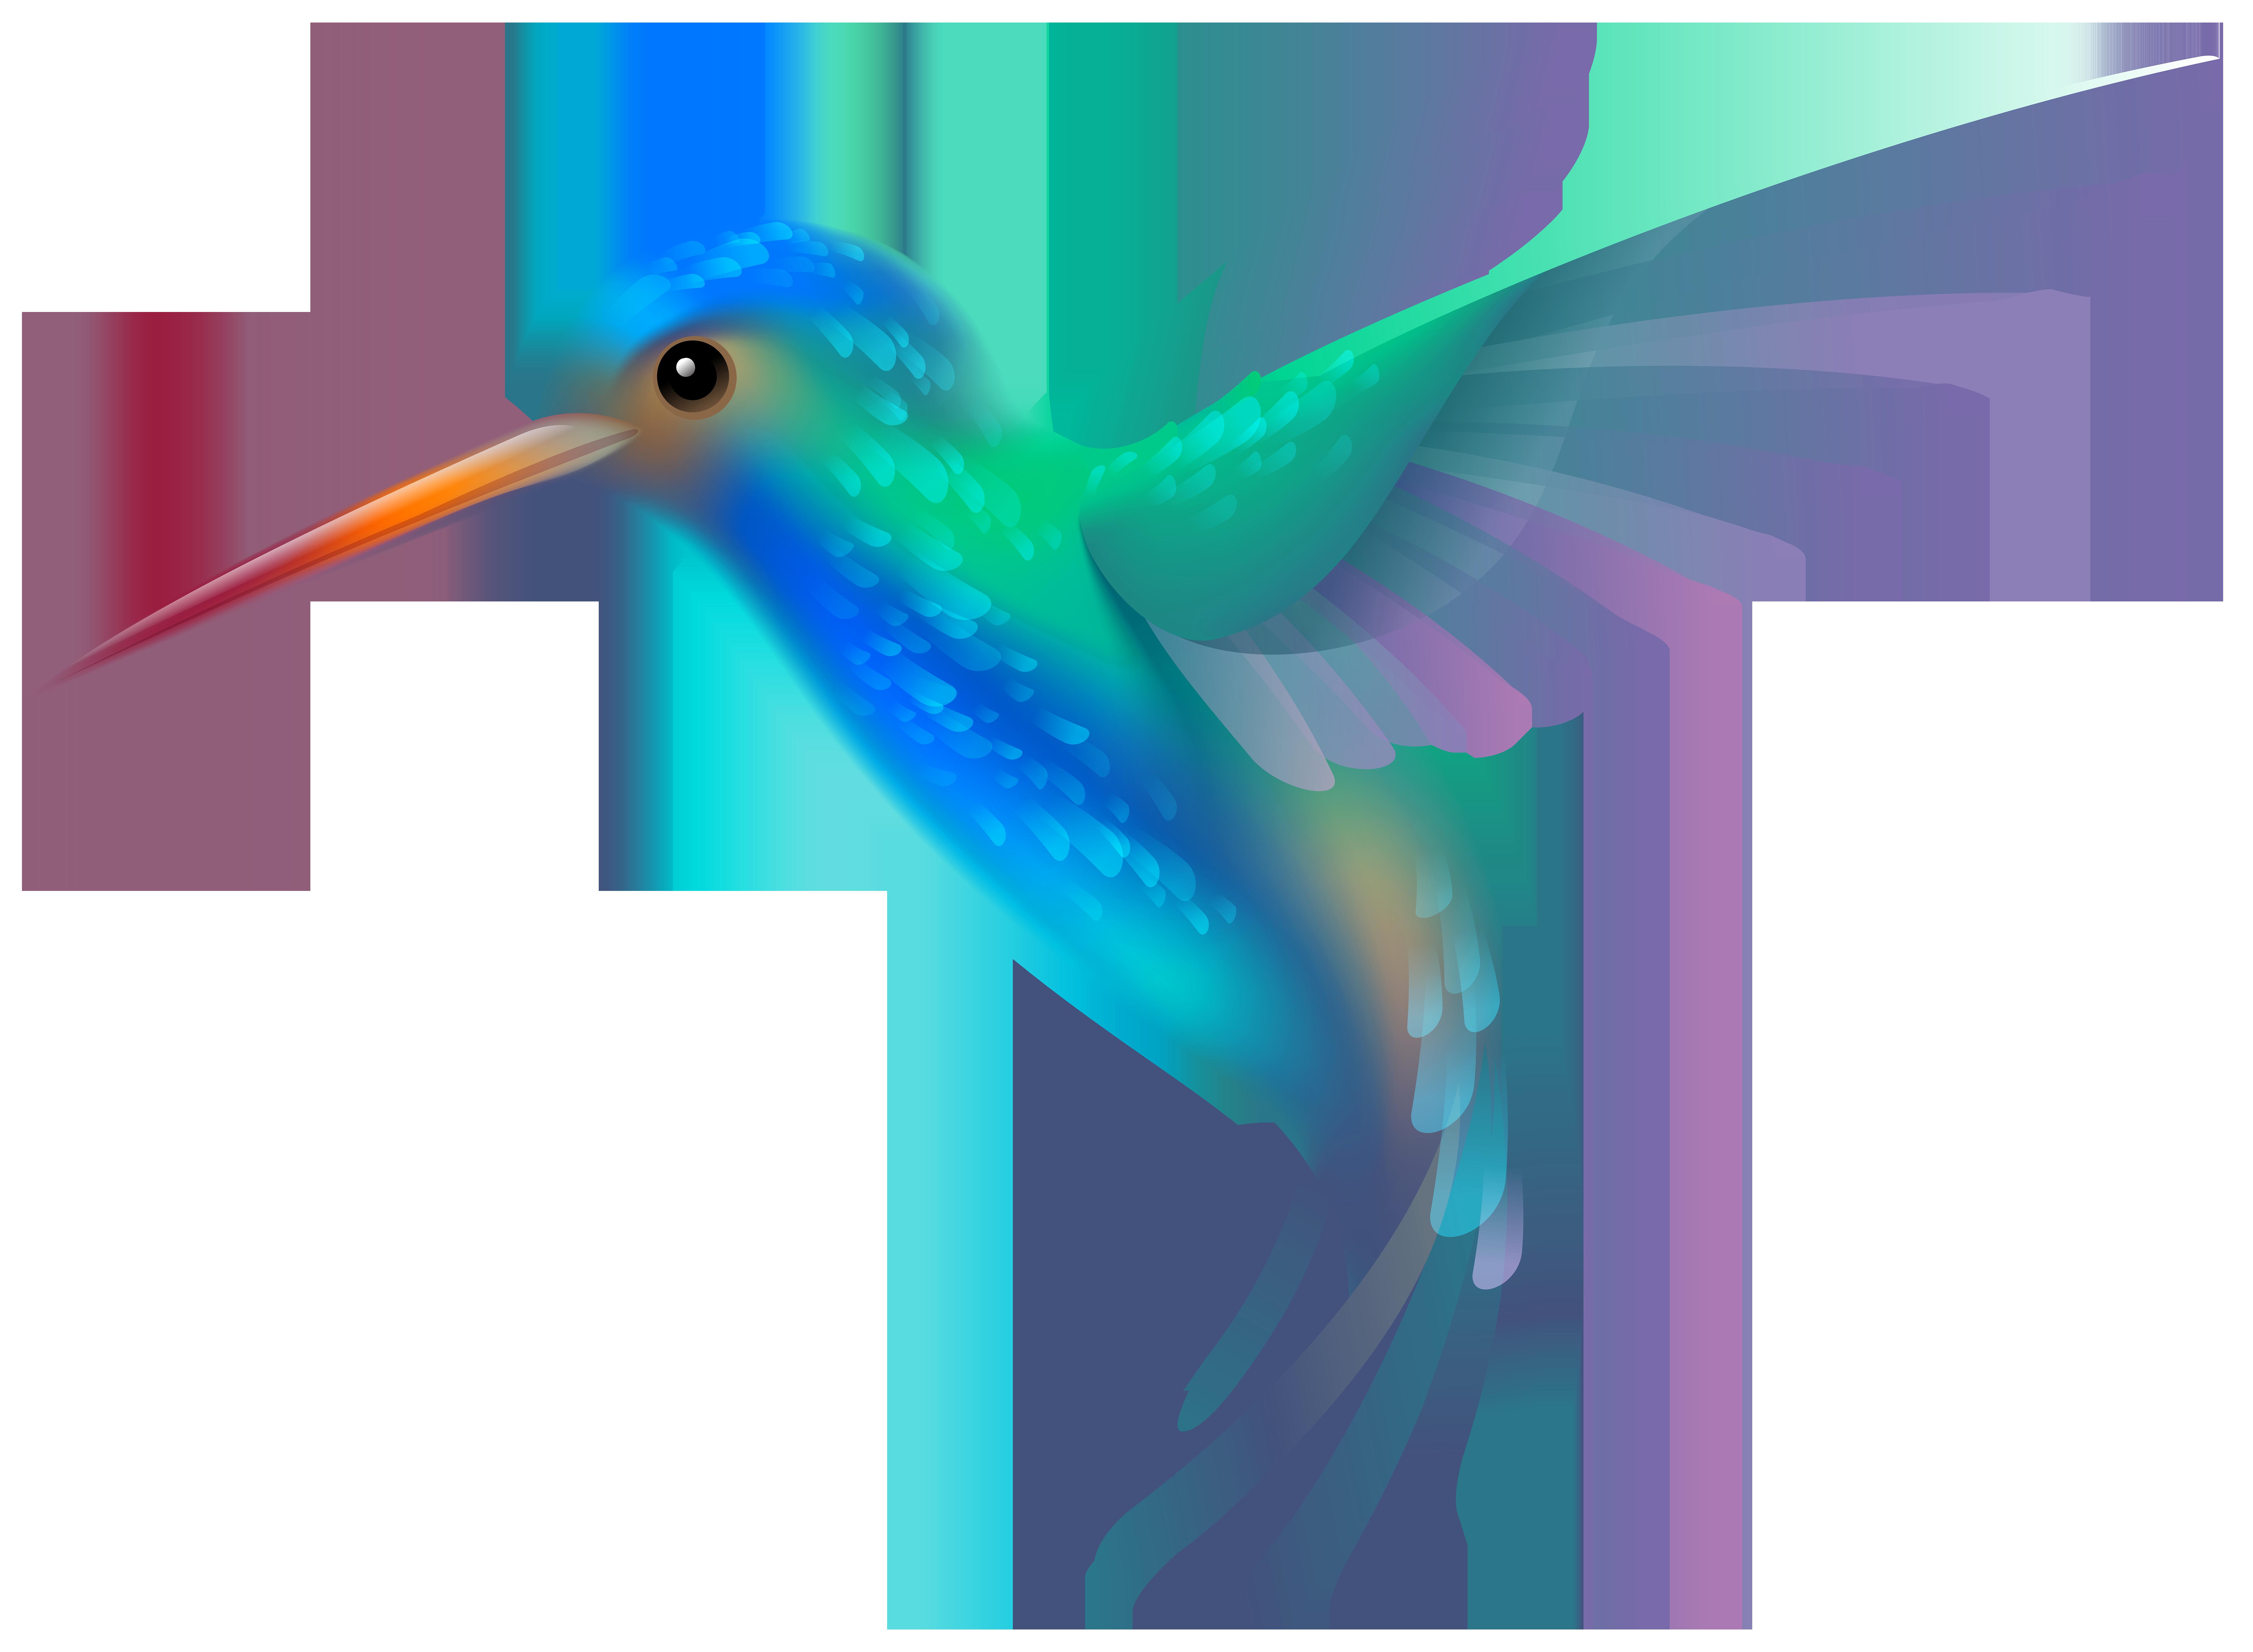 8000x5867 Hummingbird Png Transparent Clip Art Imageu200b Gallery Yopriceville